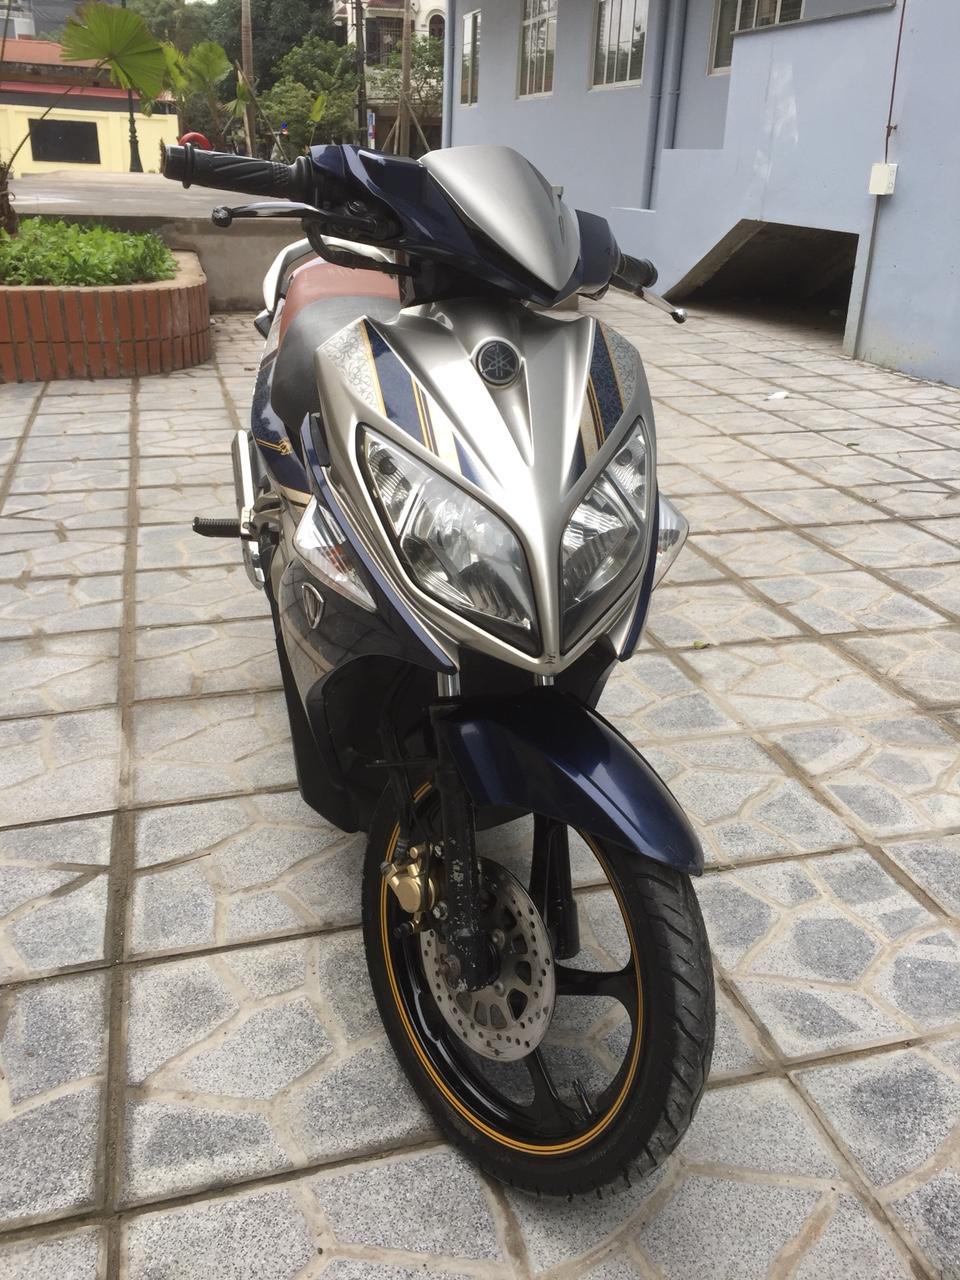 Ban Yamaha Nouvo lx 135 IV 2012 chinh chu bien HN xe cuc chat moi 90 - 2